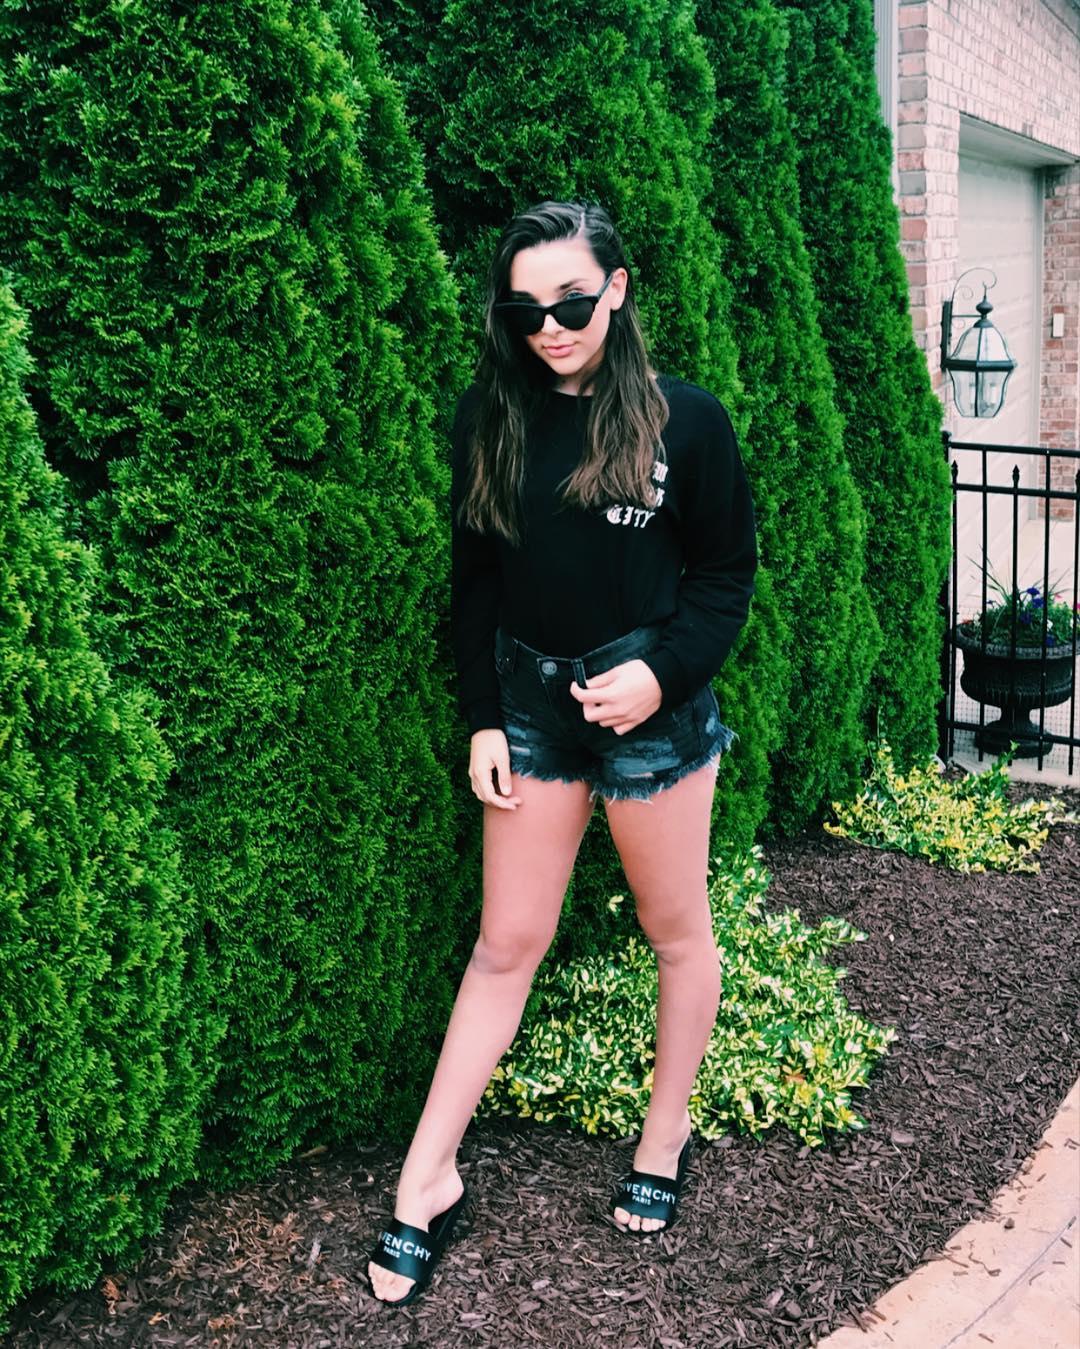 Kendall Vertes Instagram username